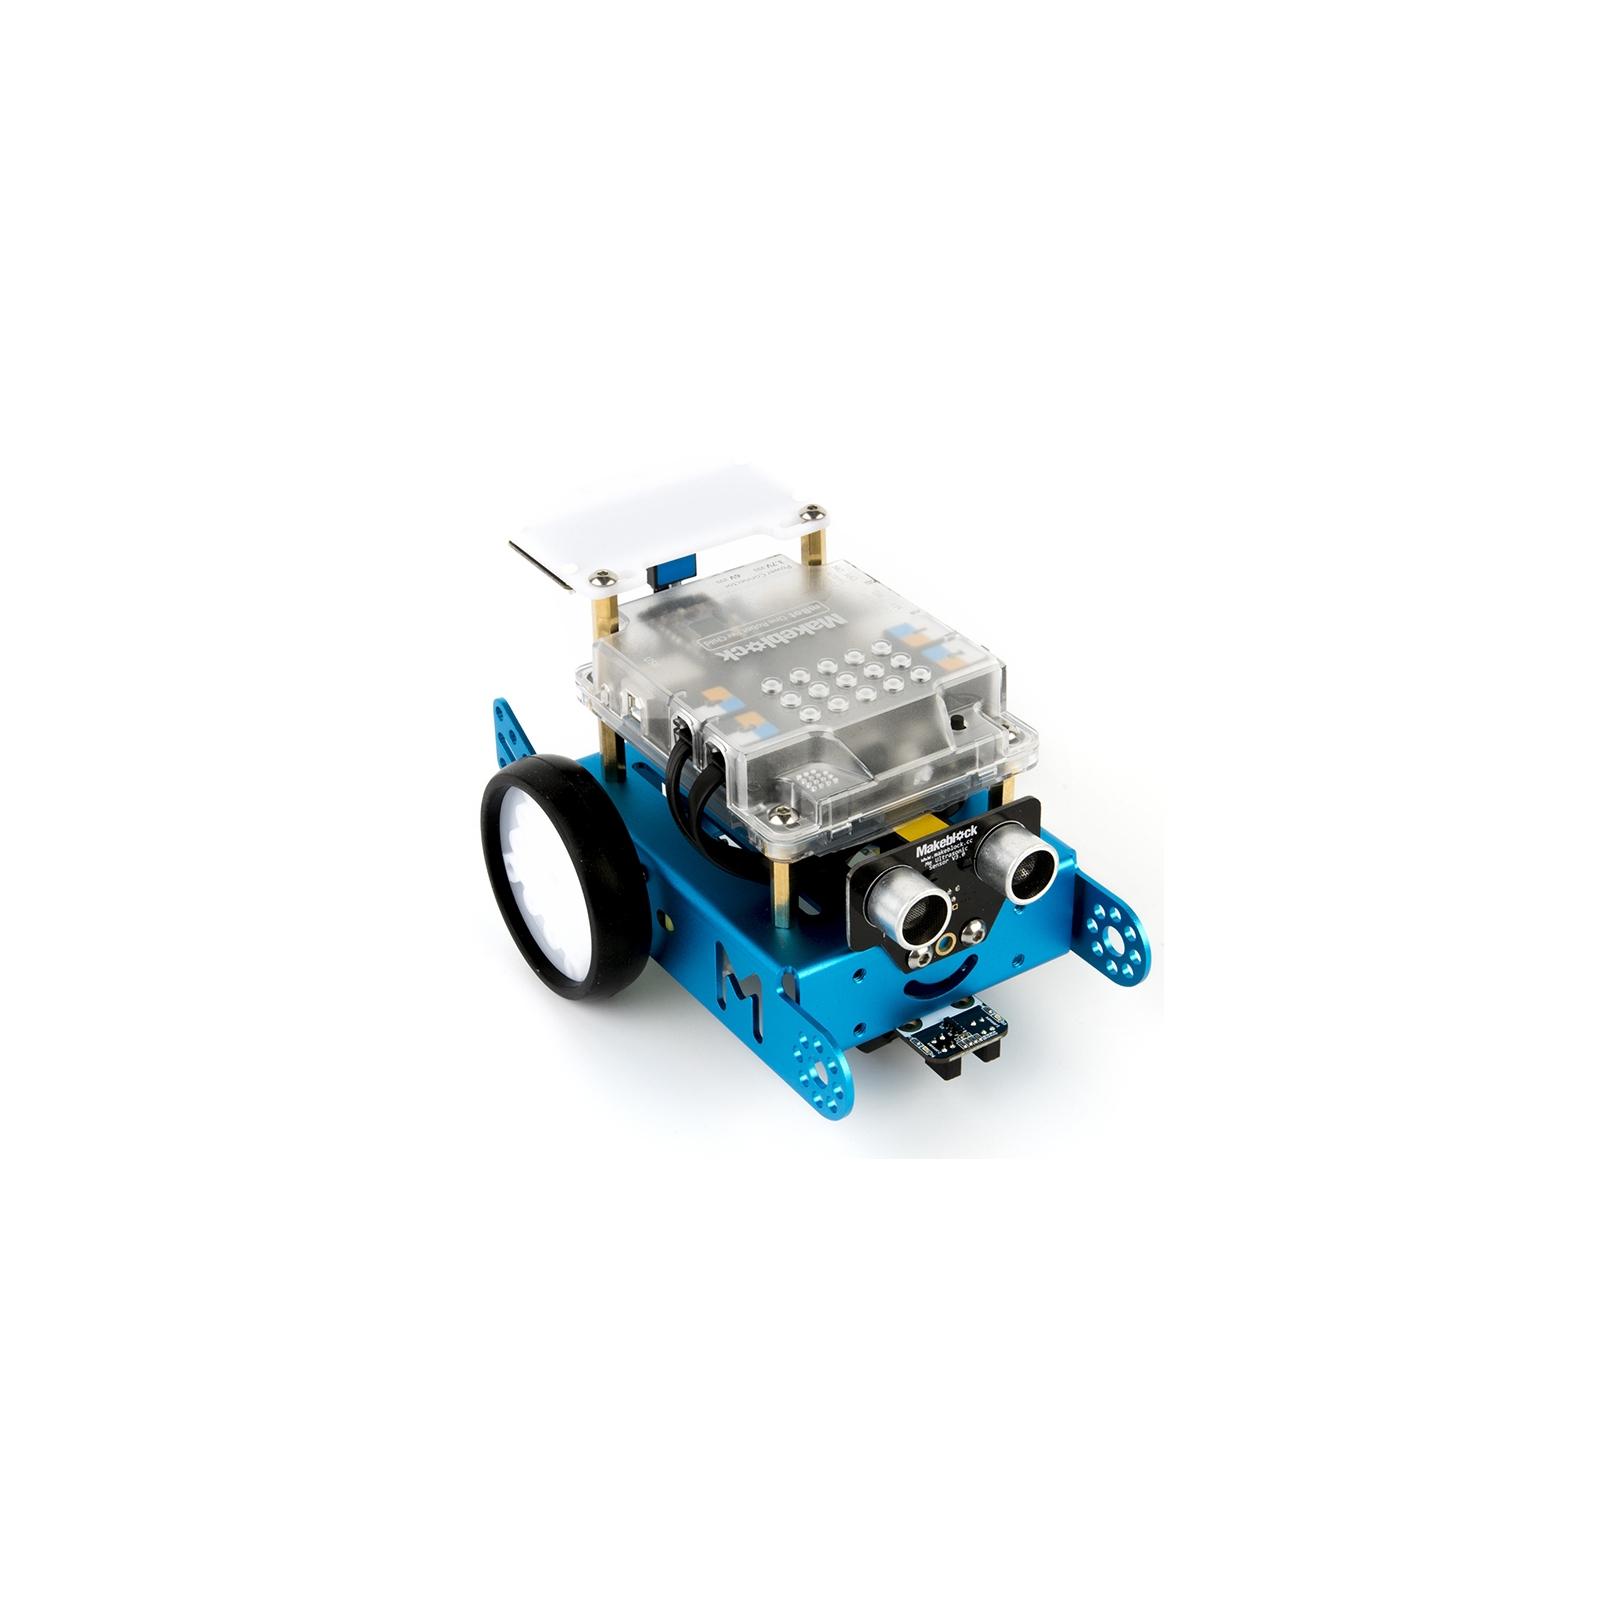 Робот Makeblock mBot S (P1010045) изображение 6